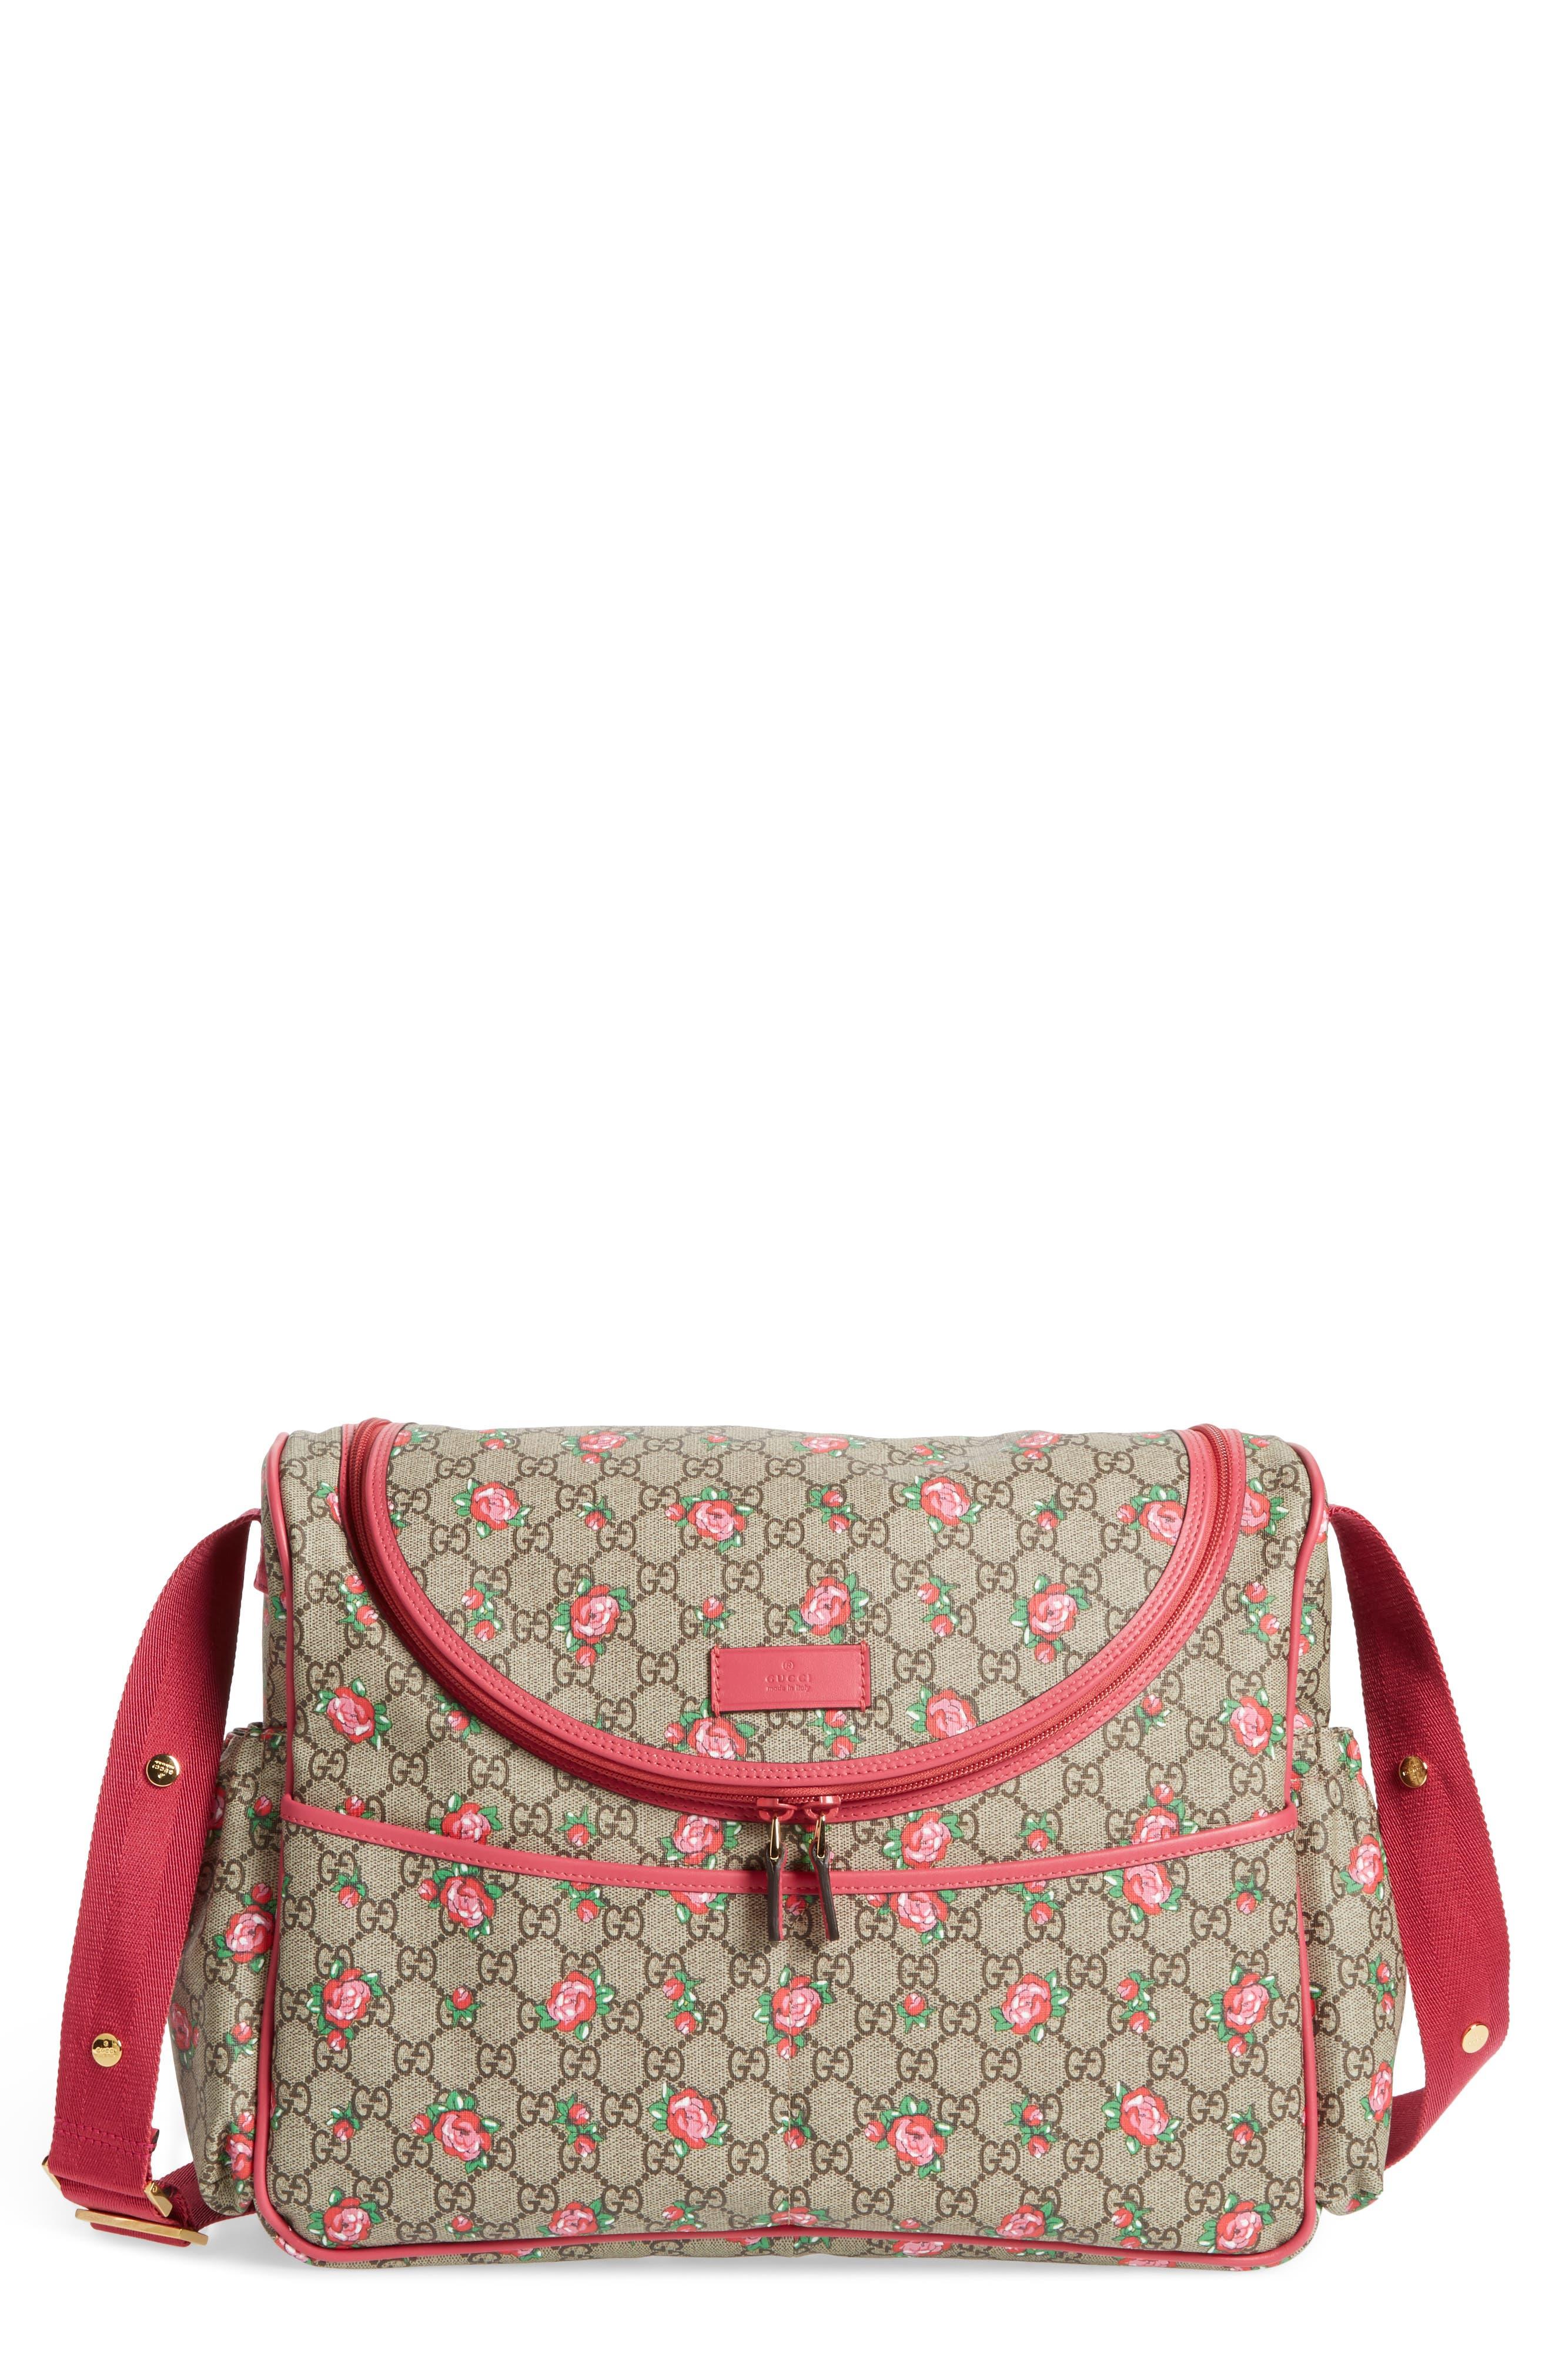 Rose Bud GG Supreme Diaper Bag,                         Main,                         color,